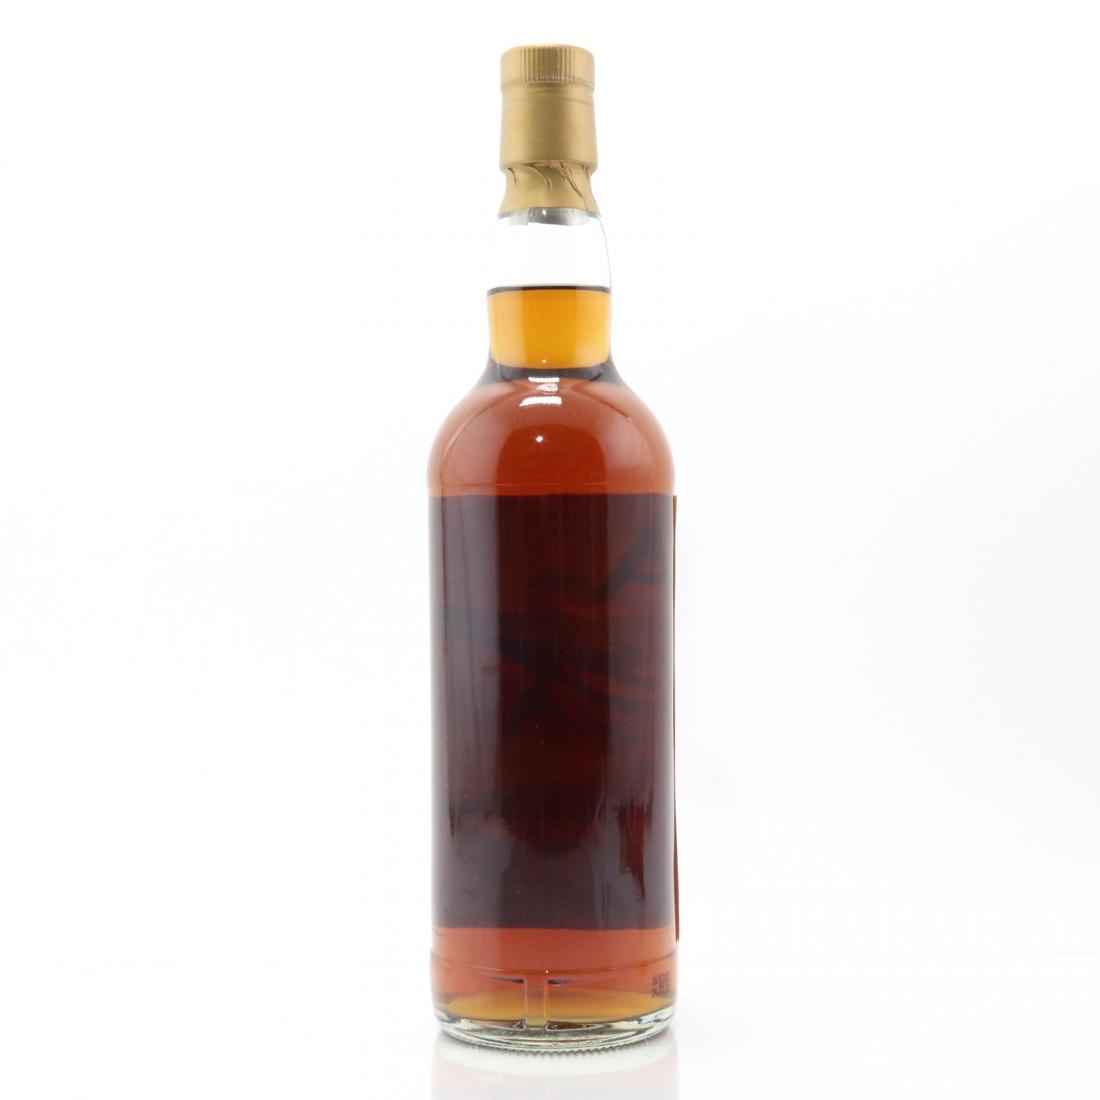 Blended Malt XO Whisky Agency Sherry Cask